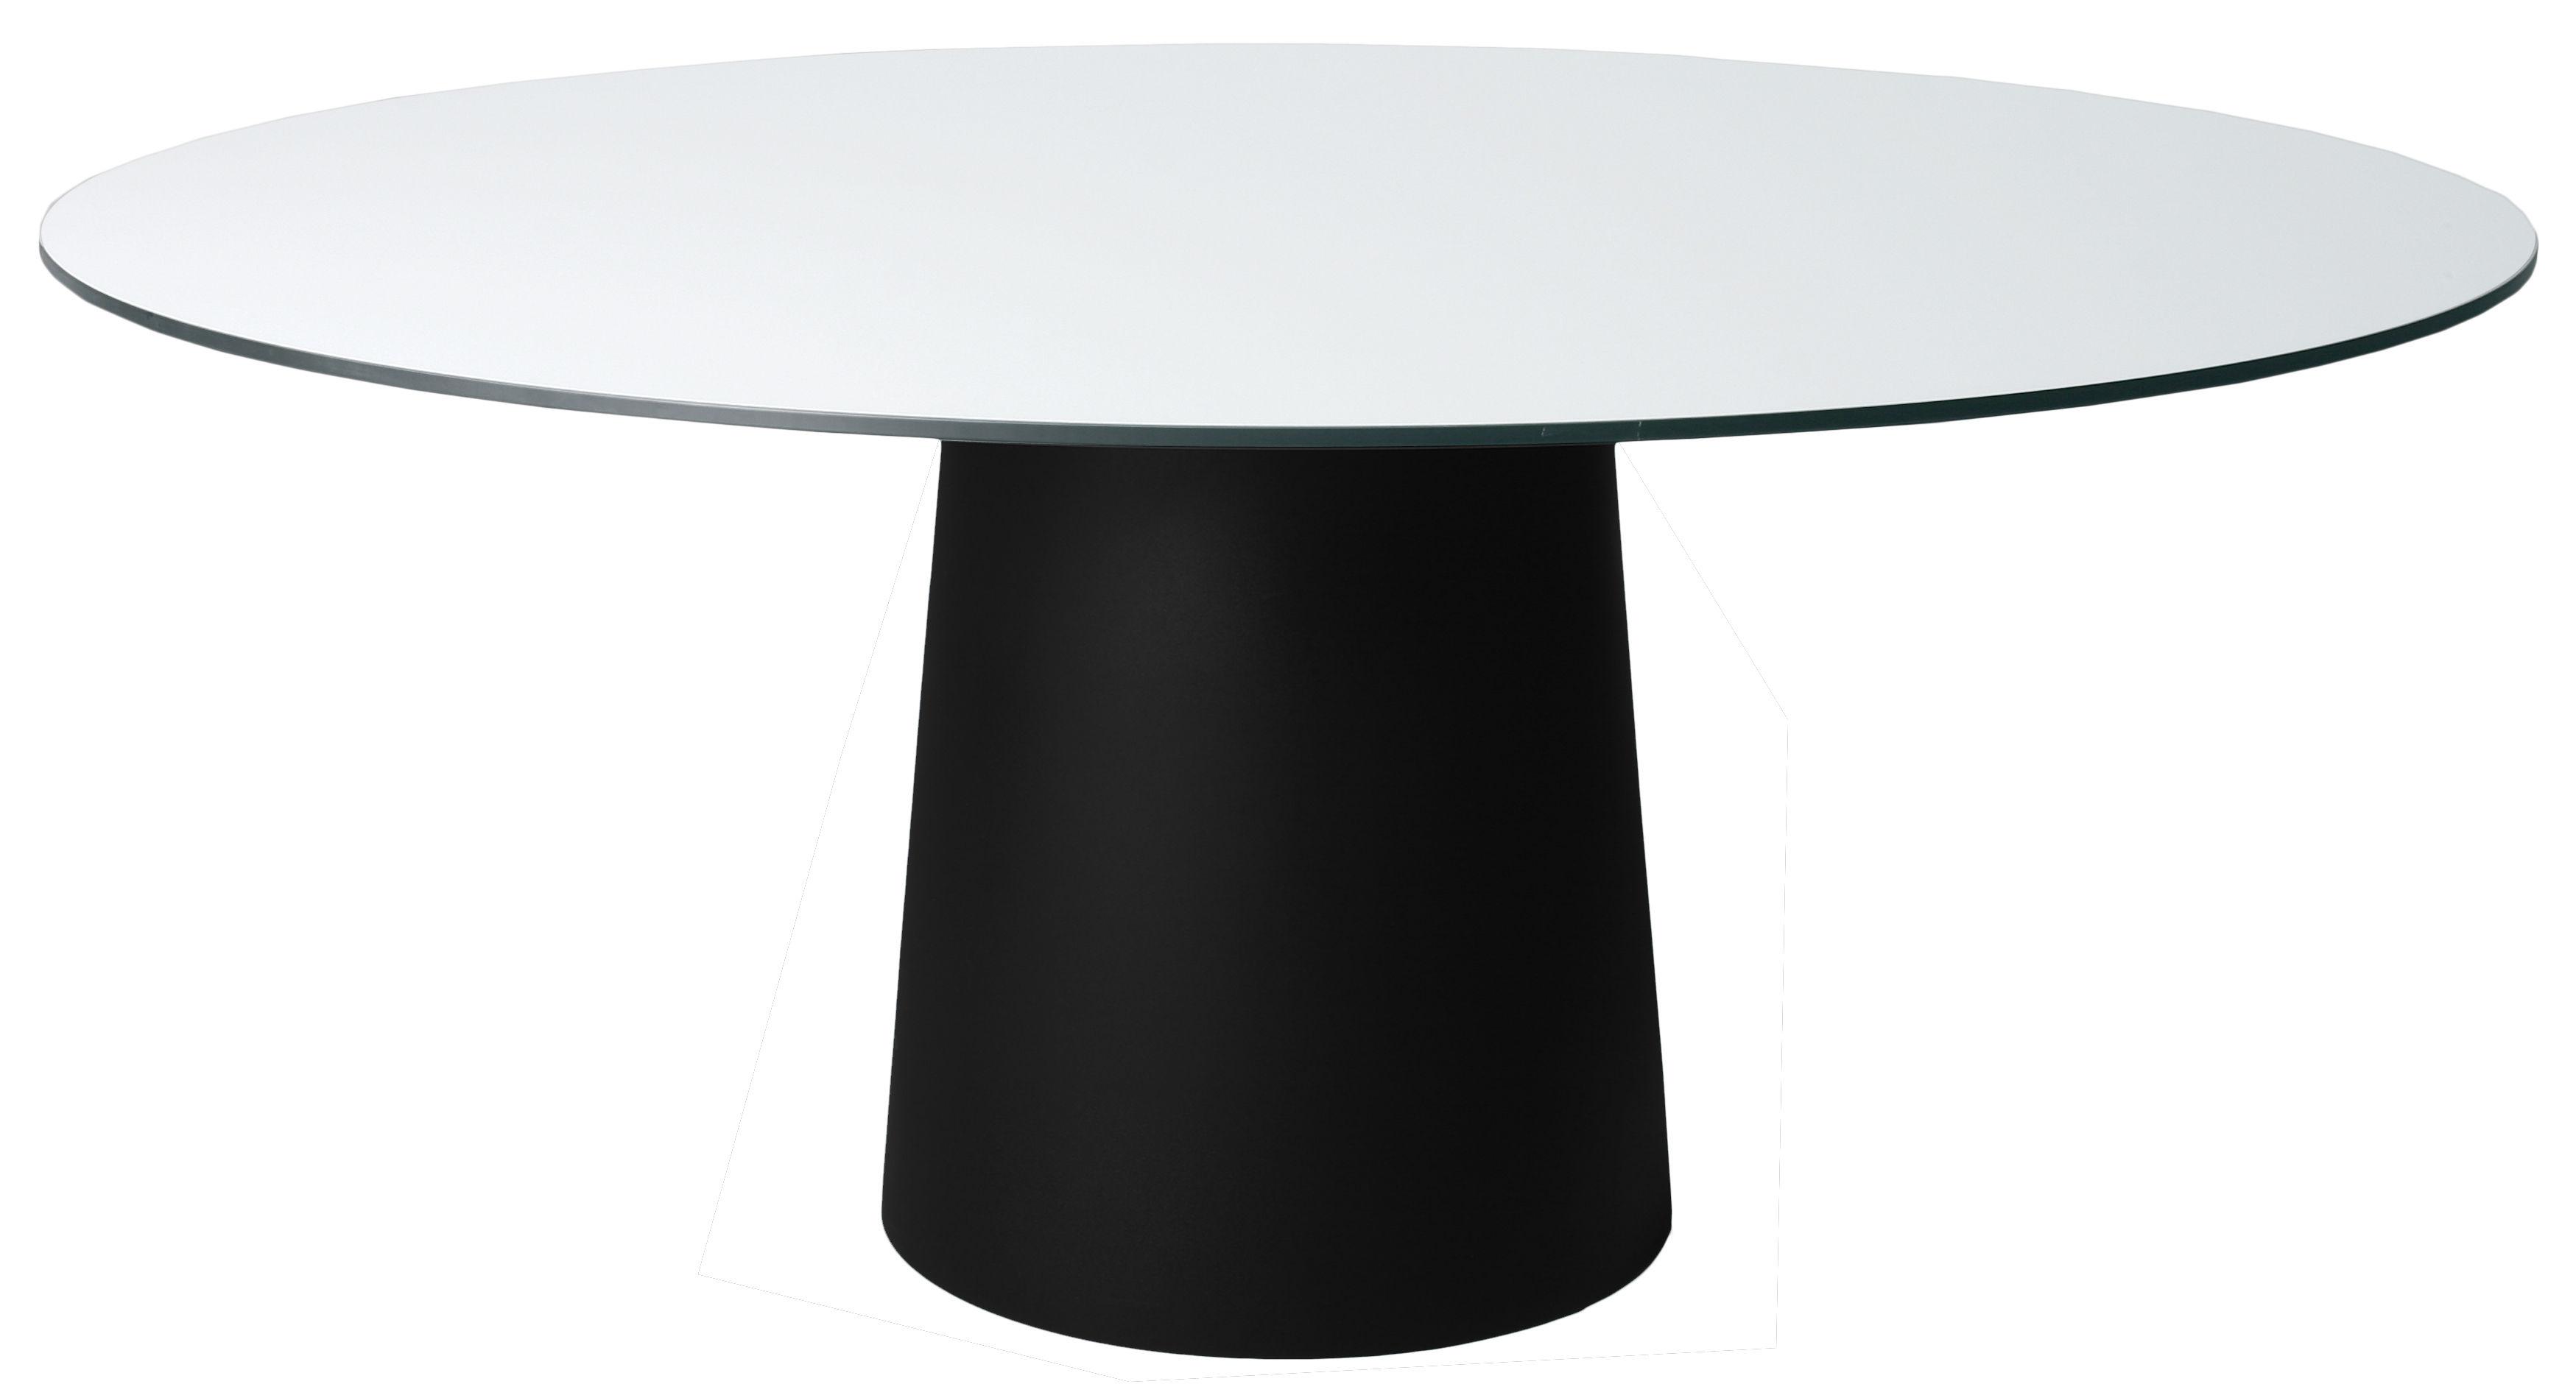 Jardin - Tables de jardin - Accessoire table / Pied pour table Container / H 70 cm - Pour plateau Ø 160 cm - Moooi - Pied noir Ø 56 x H 70 cm - Polypropylène